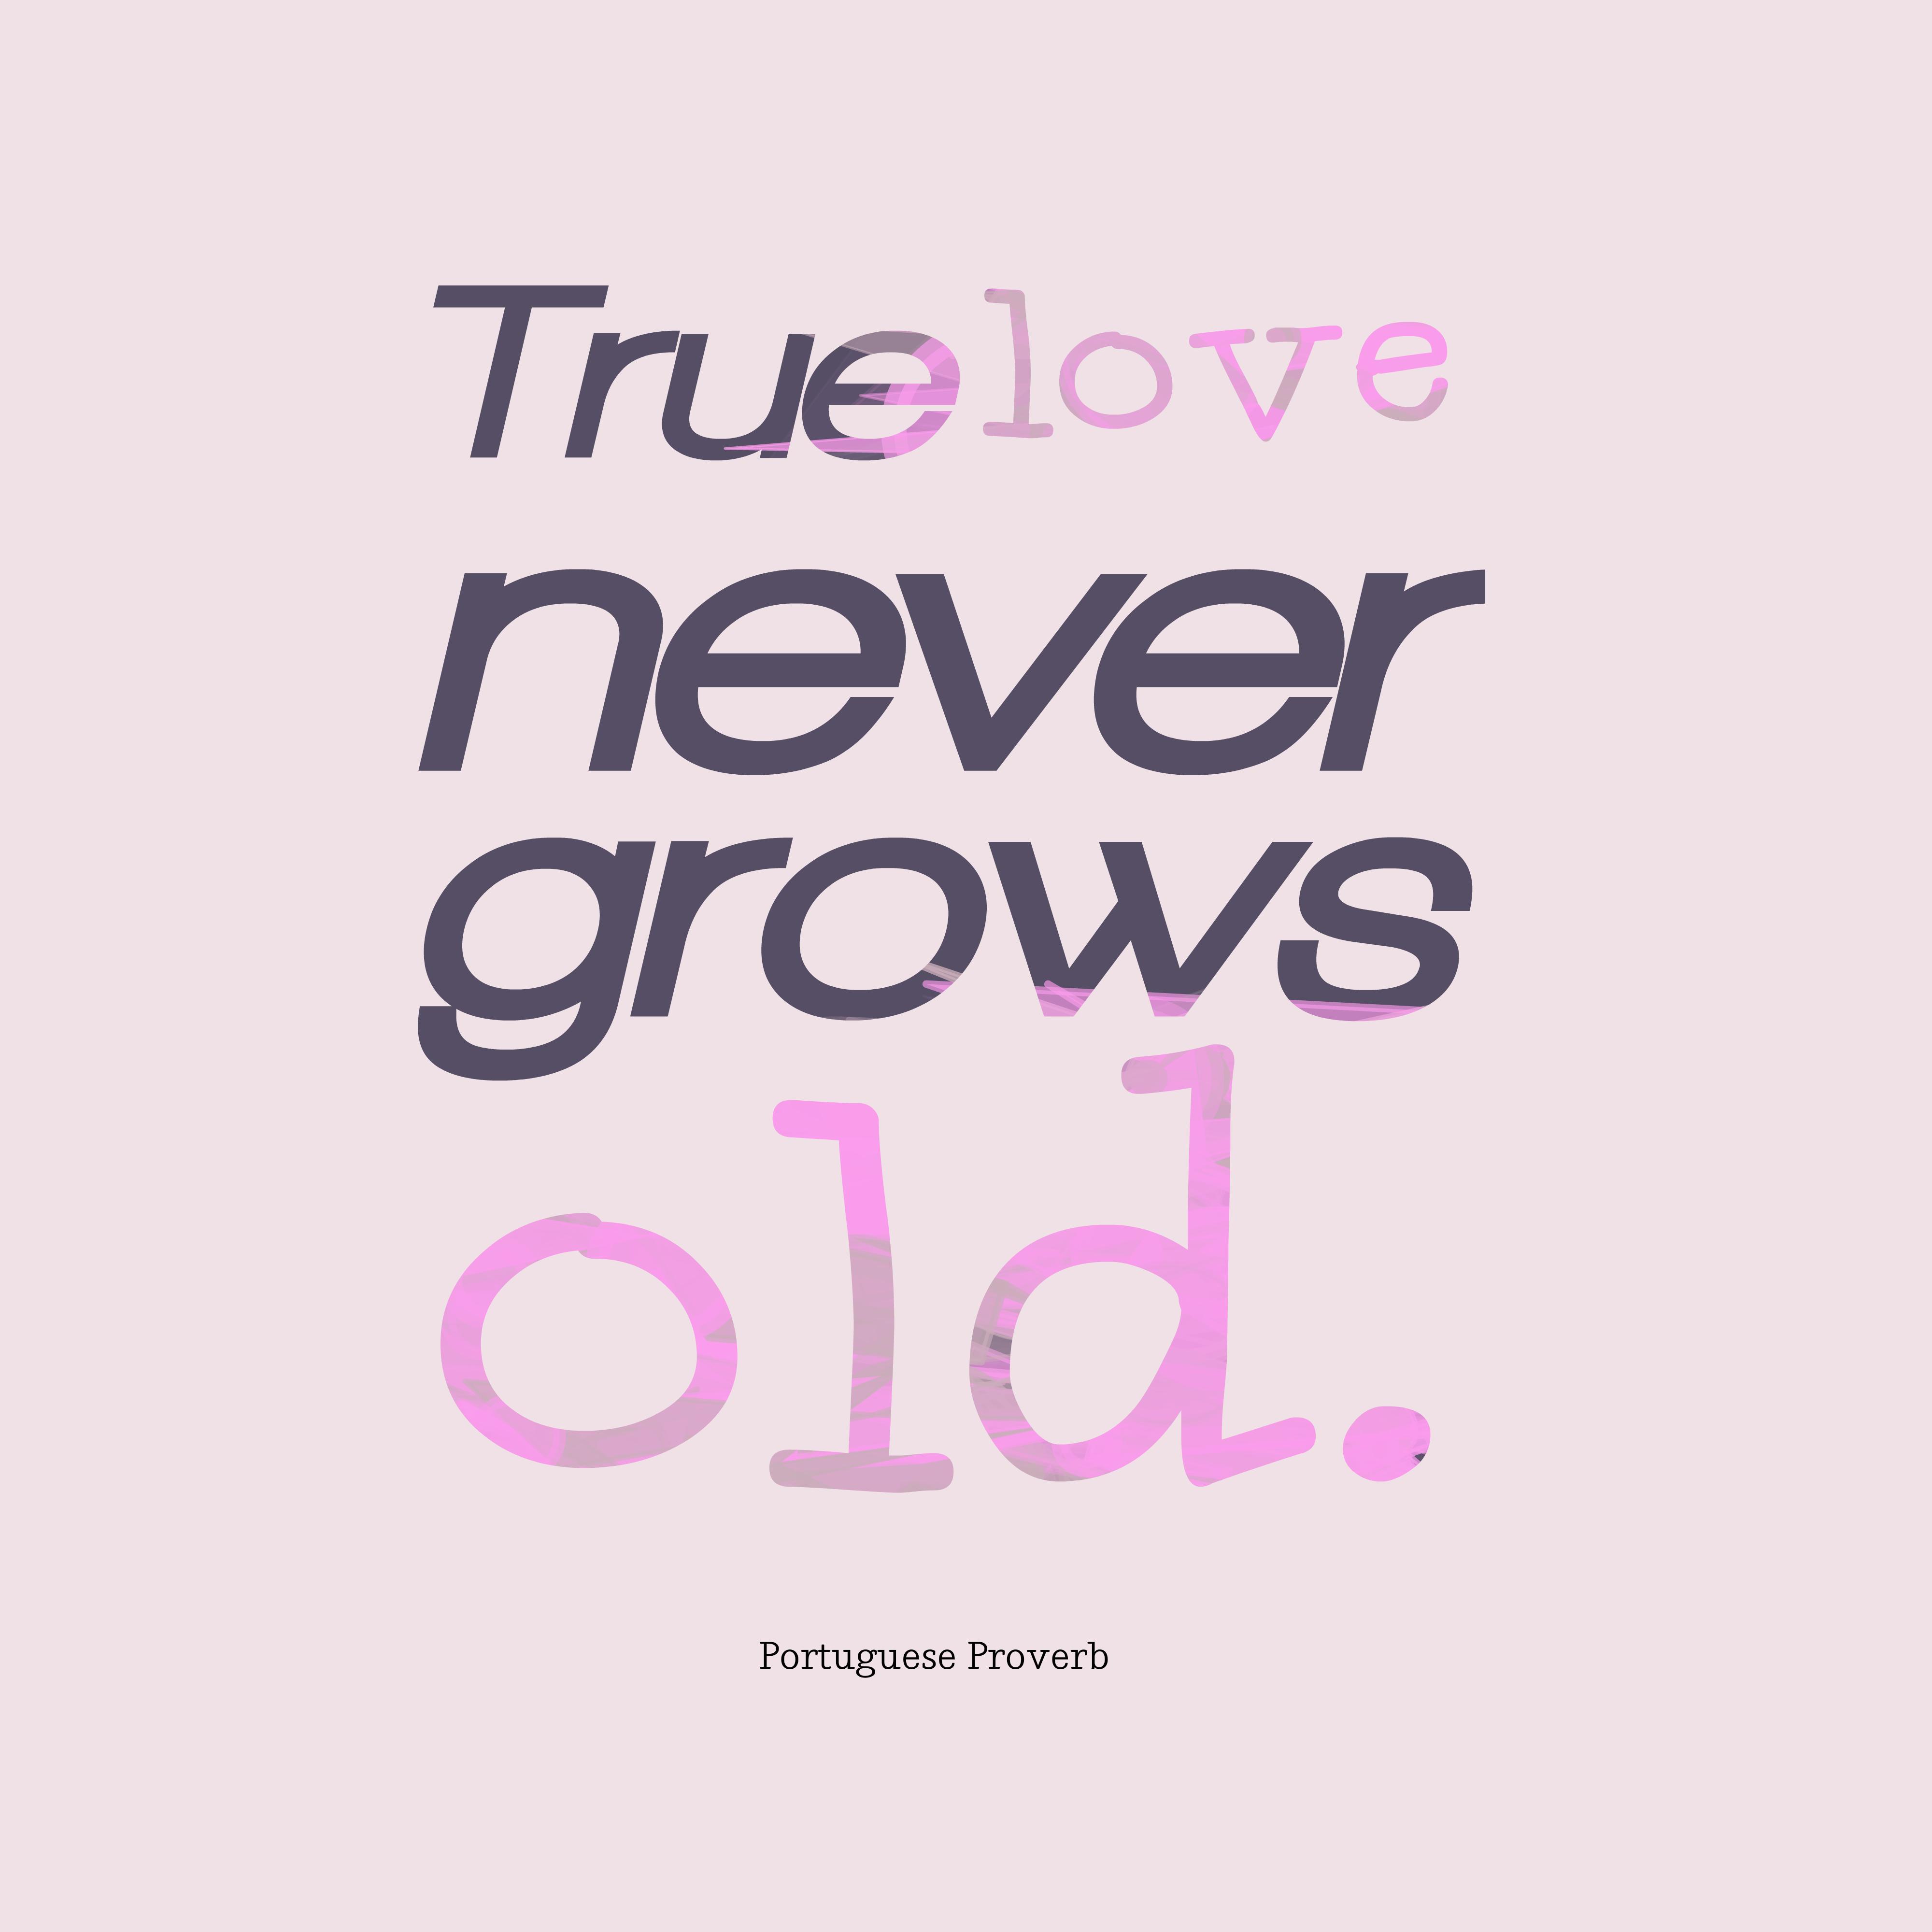 Portuguese Wisdom About Love